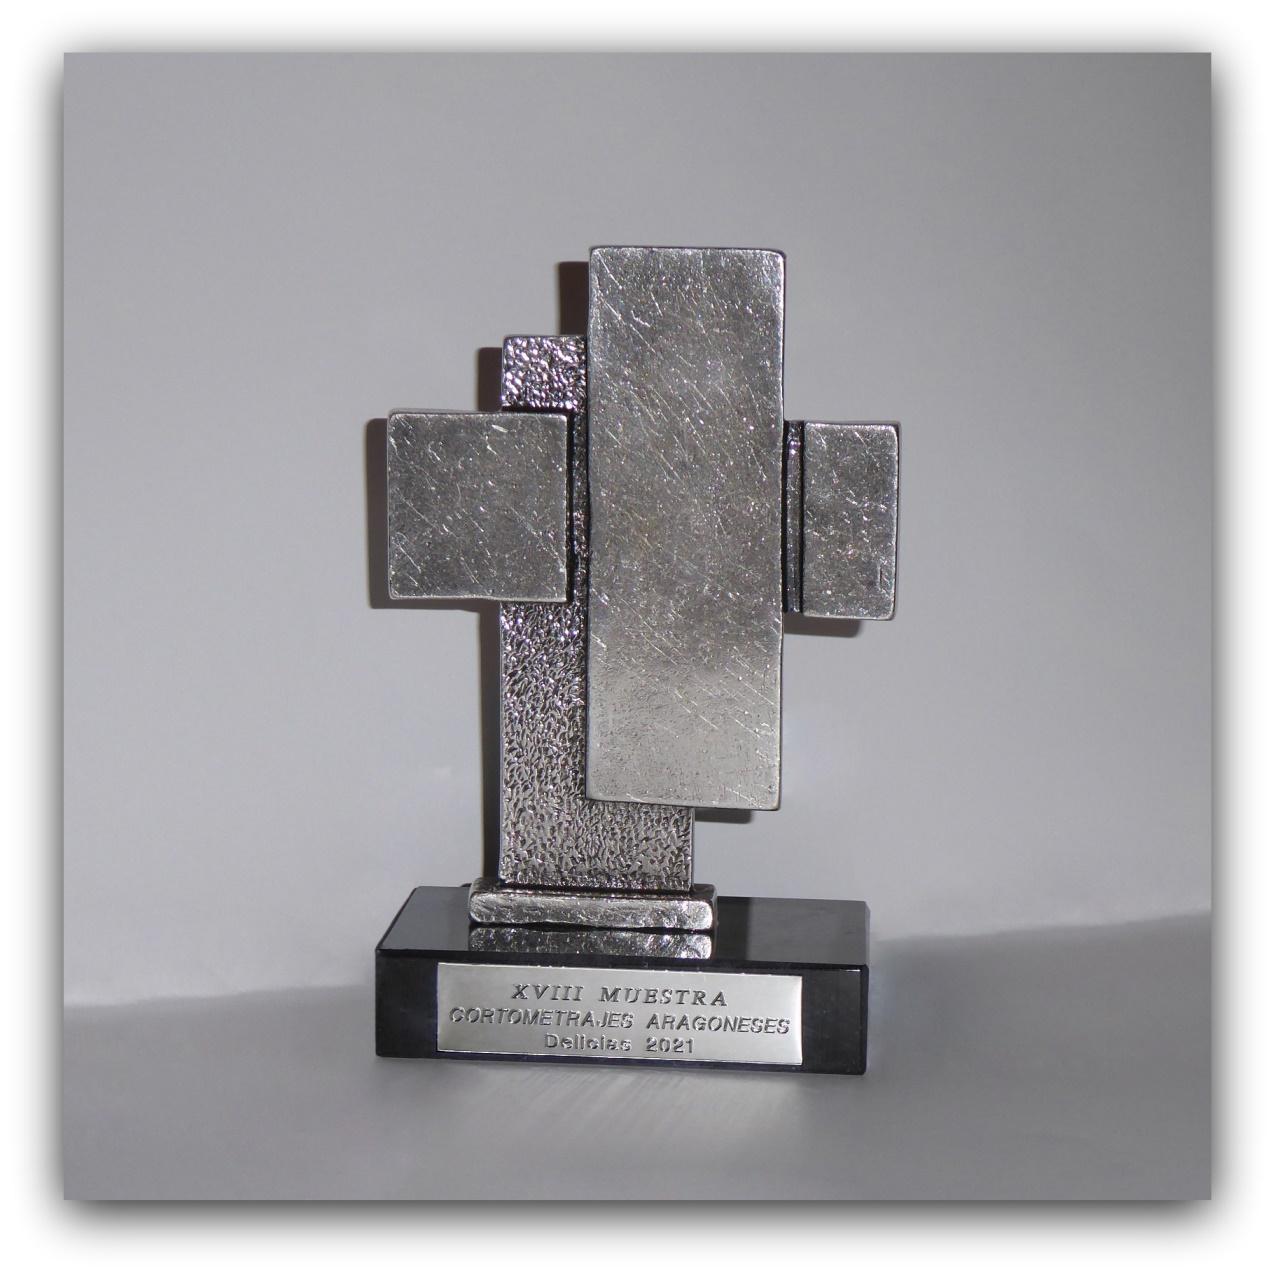 Trofeo Muestra Cortometrajes Aragoneses Delicias-Obra del escultor Carlos Garcia Lahoz-Foto Atmosferacine